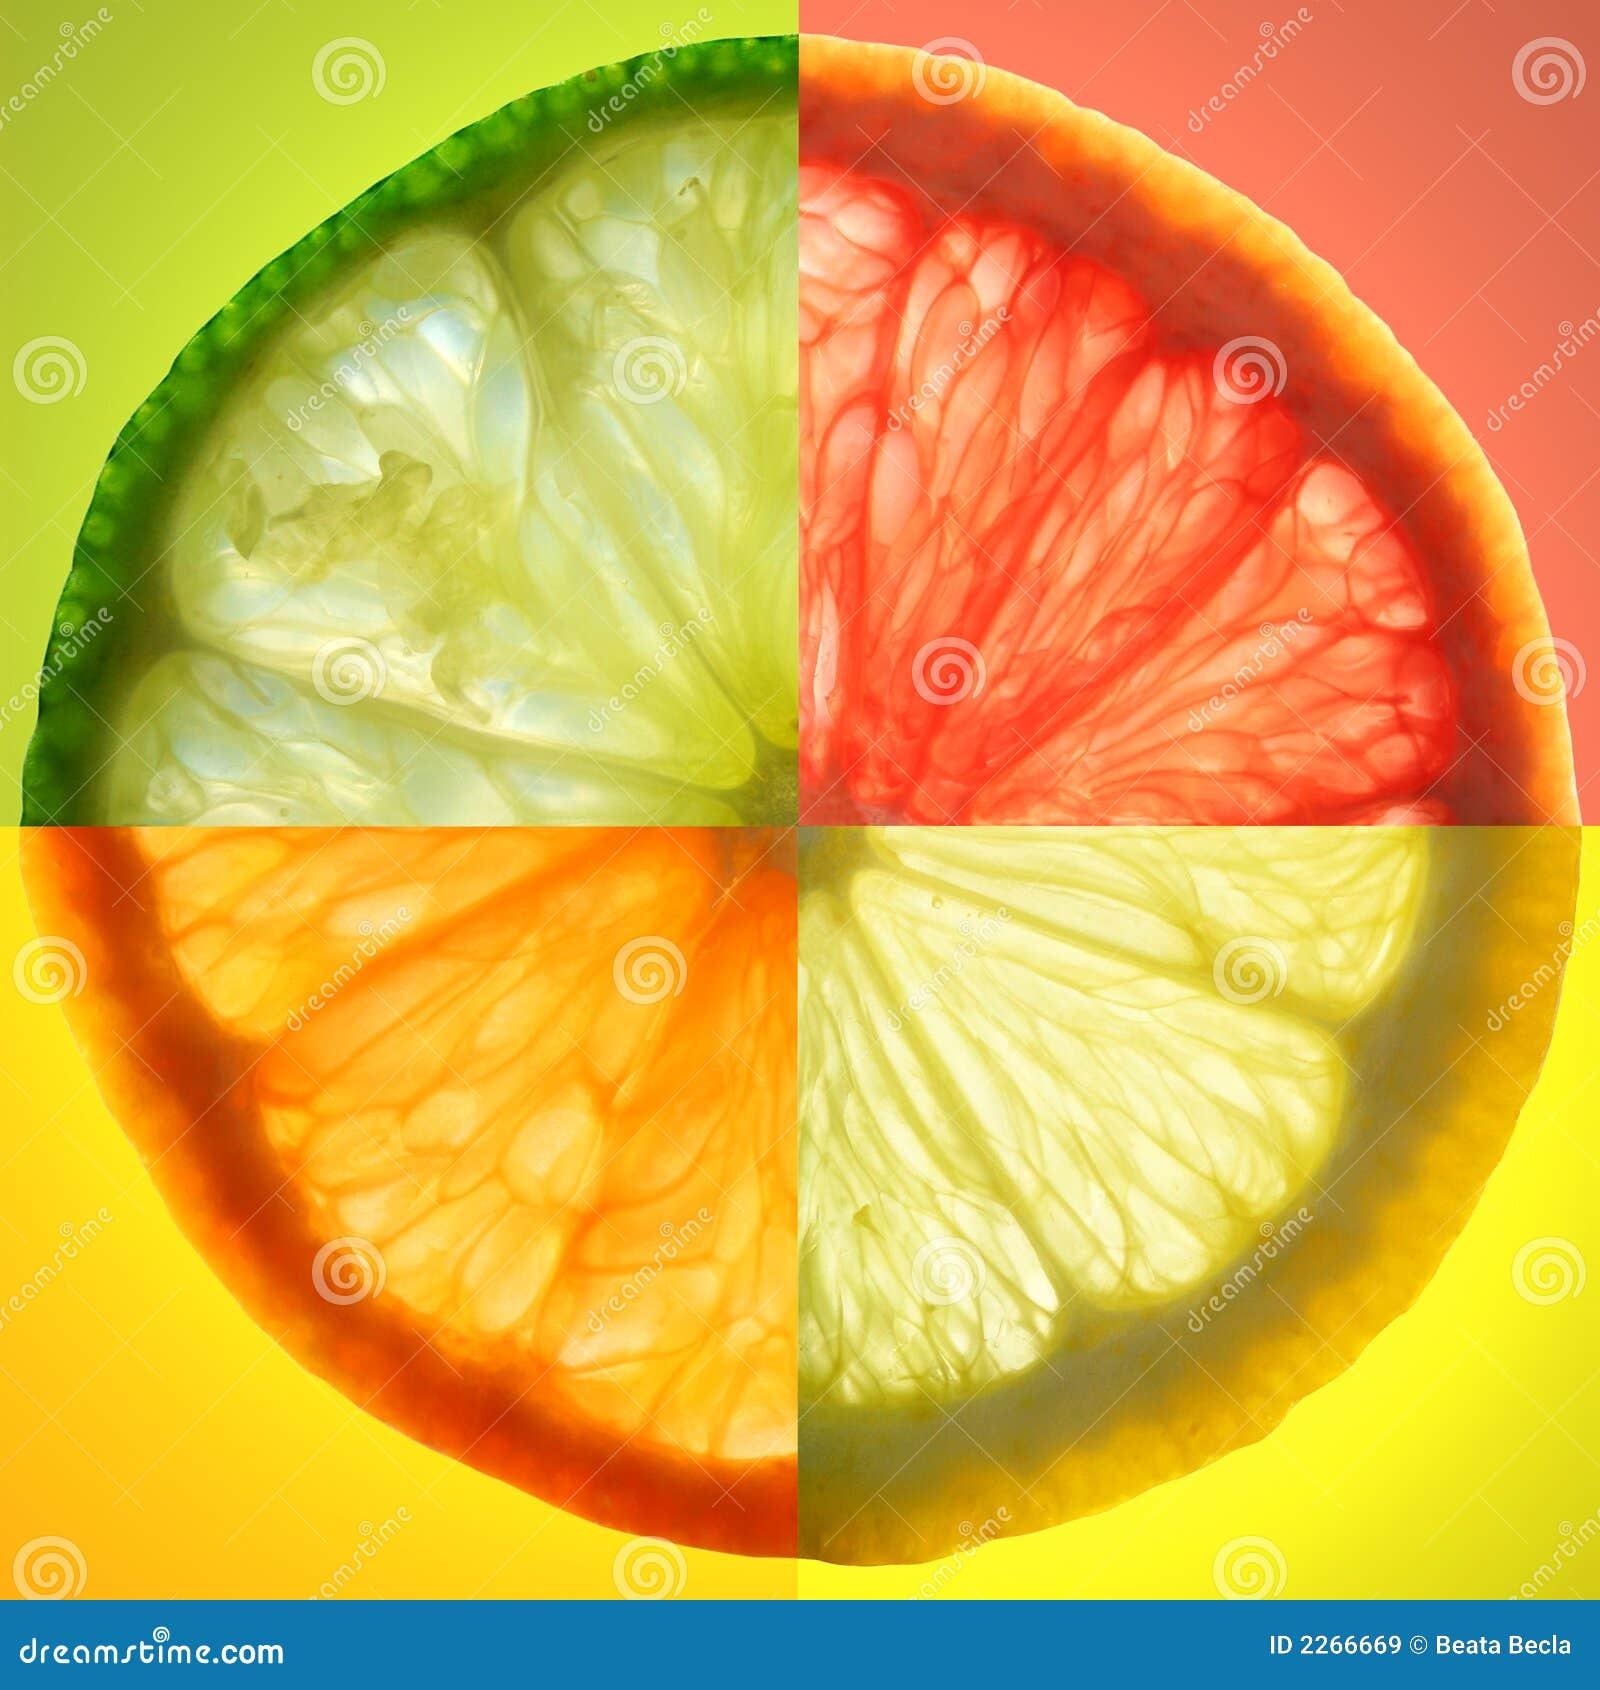 Zitrusfruchtscheibe